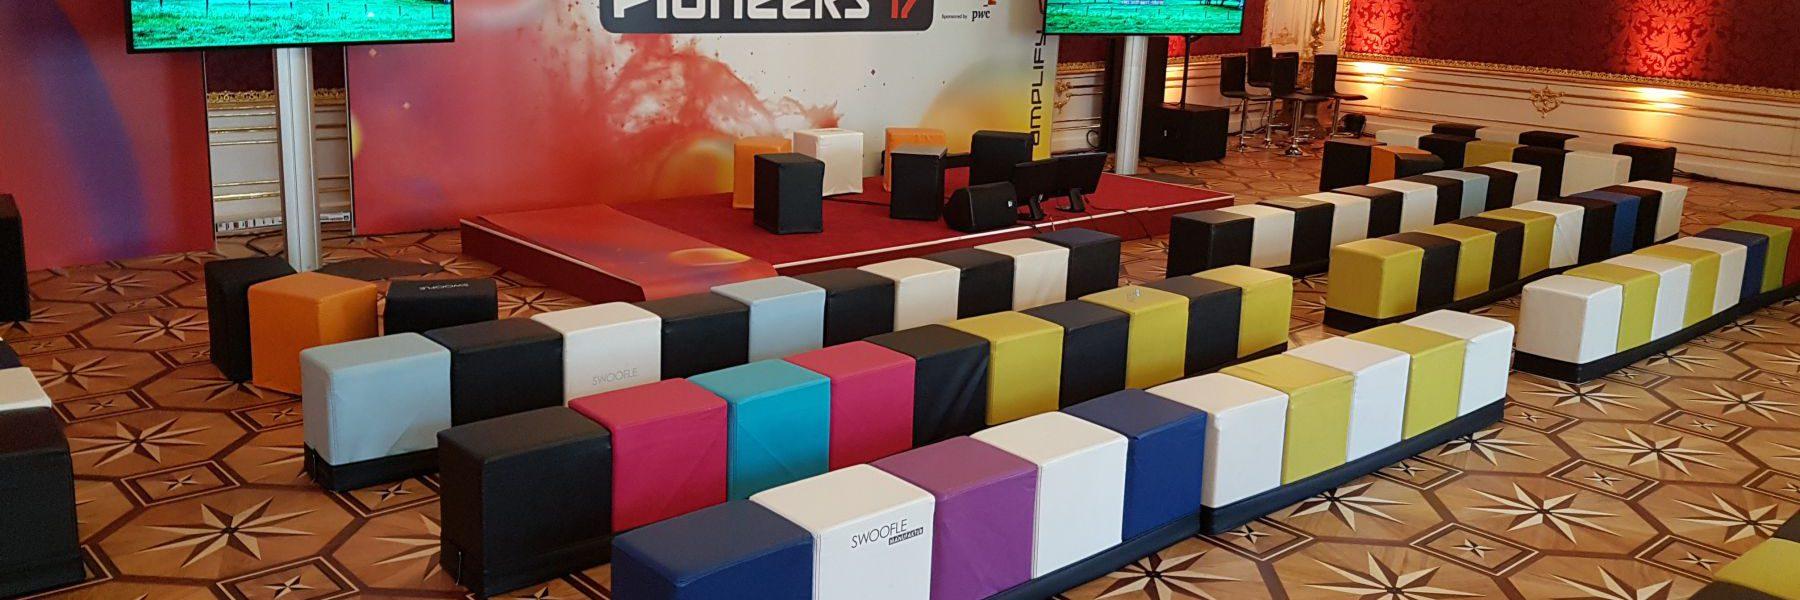 SWOOFLE online Möbel miten Europaweit Overnight - Mietmöbel in der Hofburg Wien